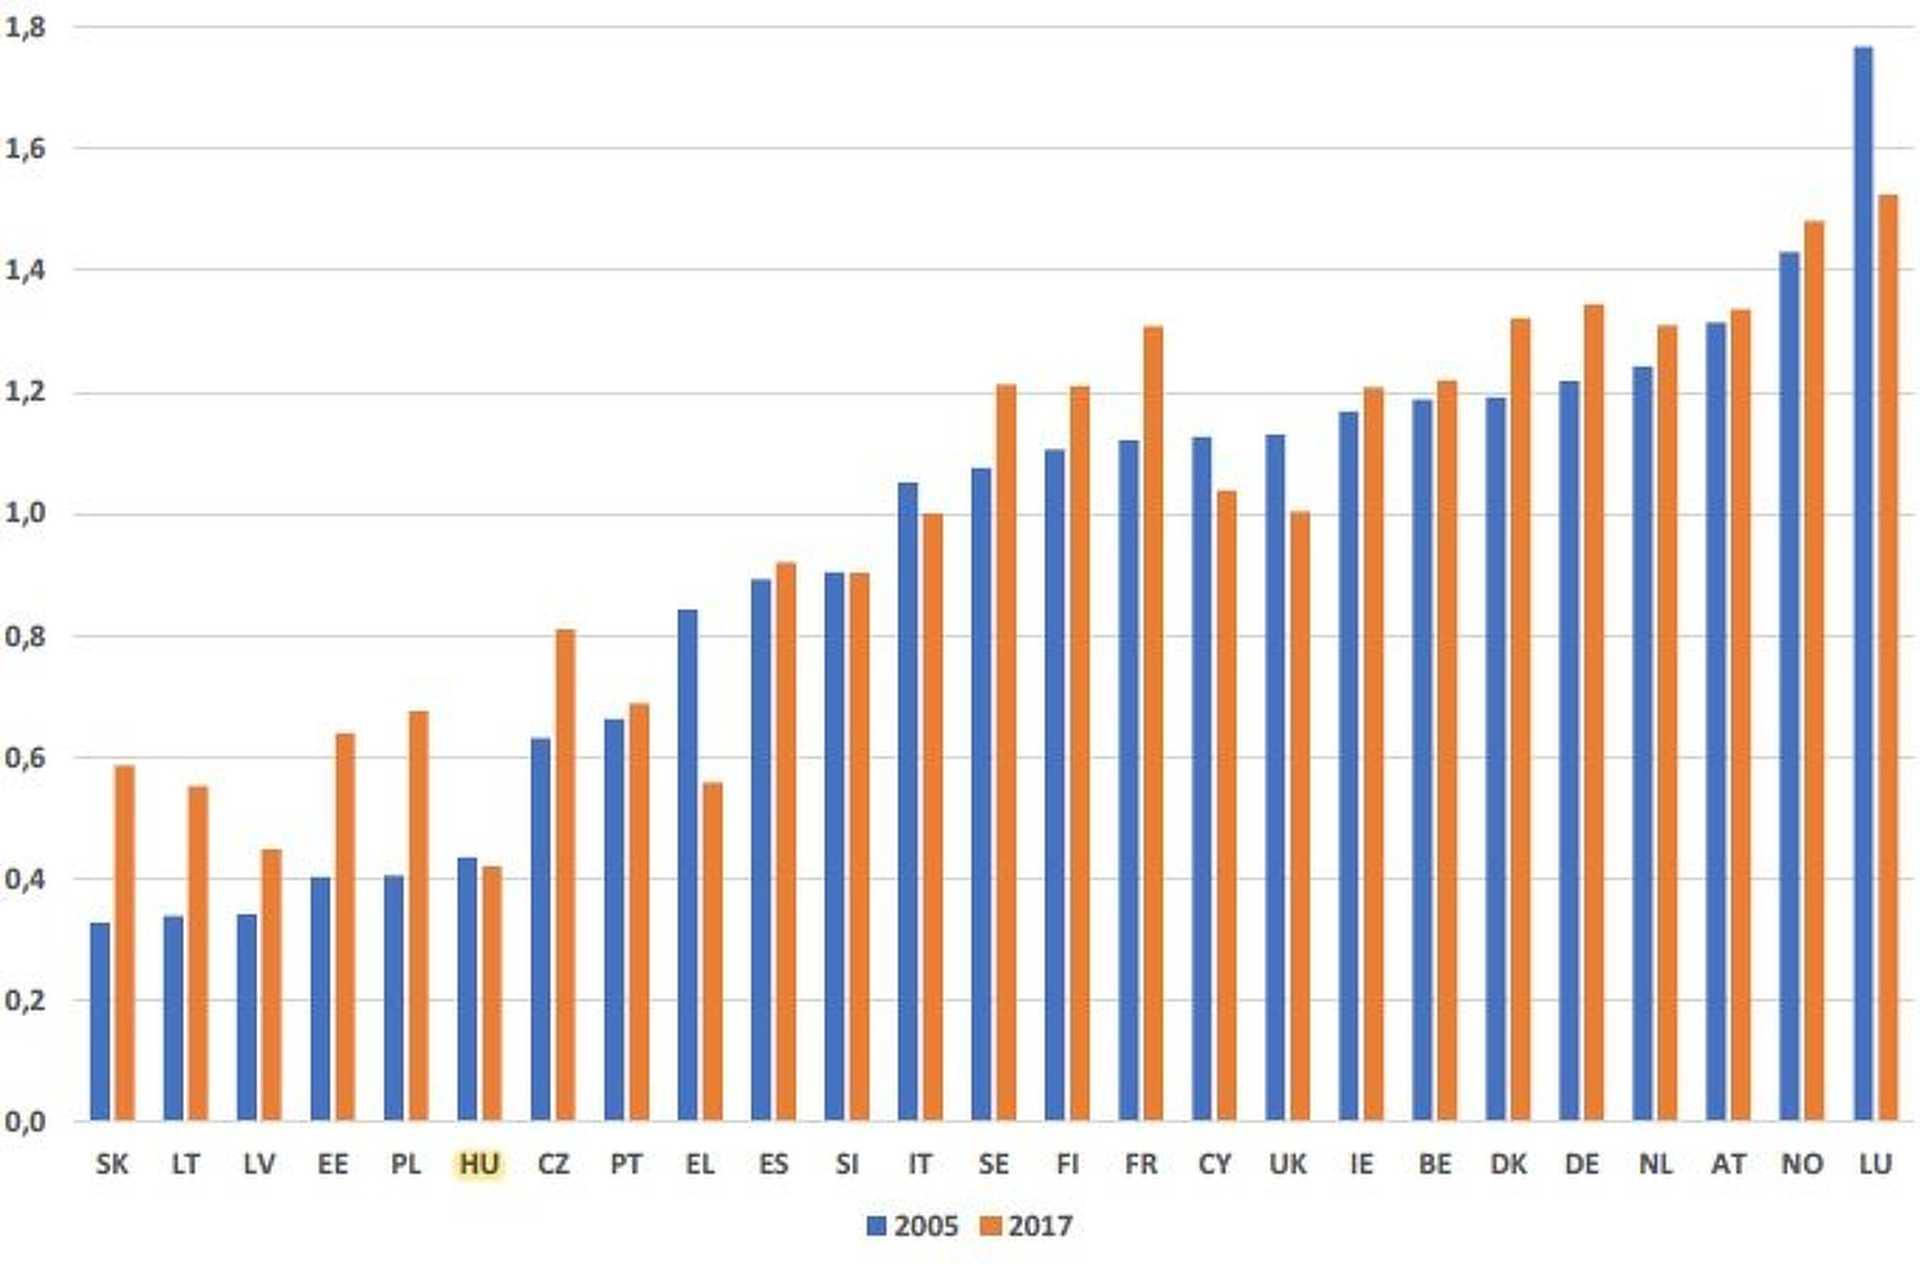 Az uniós országok jövedelmi küszöbe az összesített, uniós szegénységi küszöb arányában